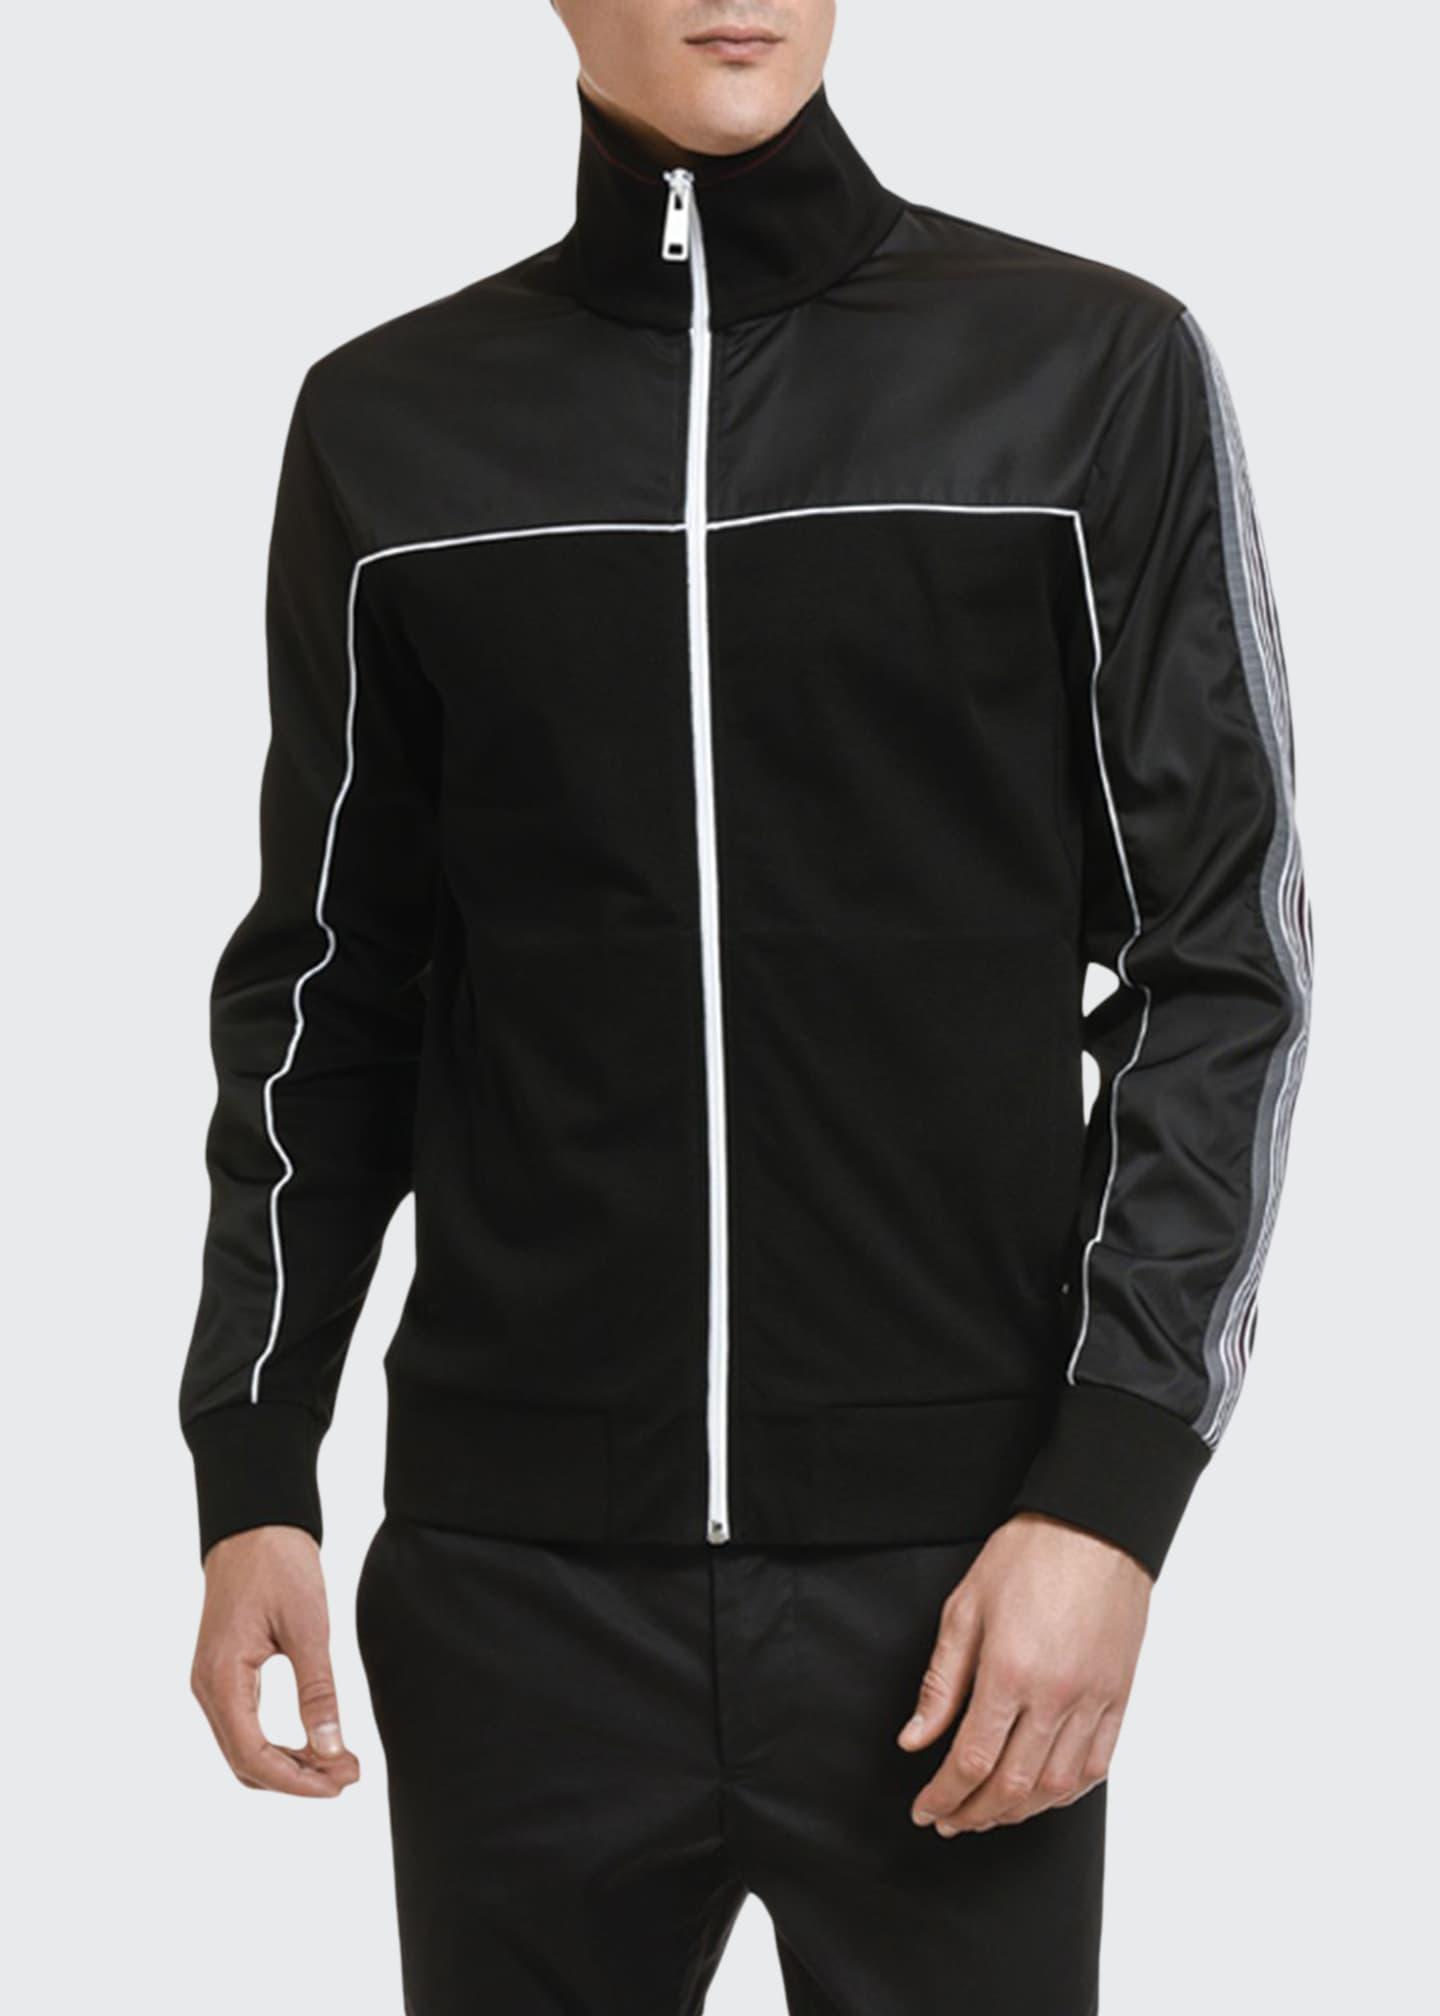 Prada Men's Nylon-Trim Track Jacket